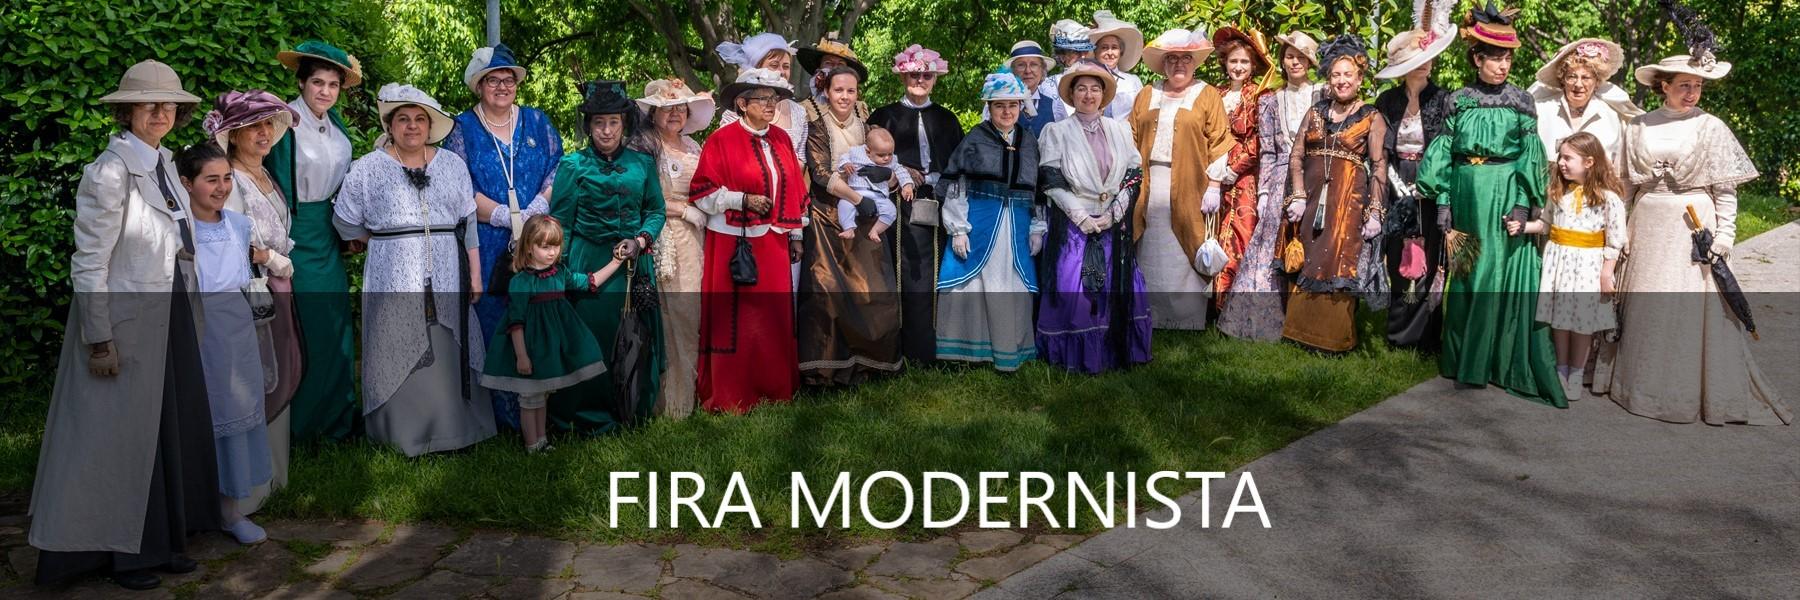 Botó fira pàgina modernisme.